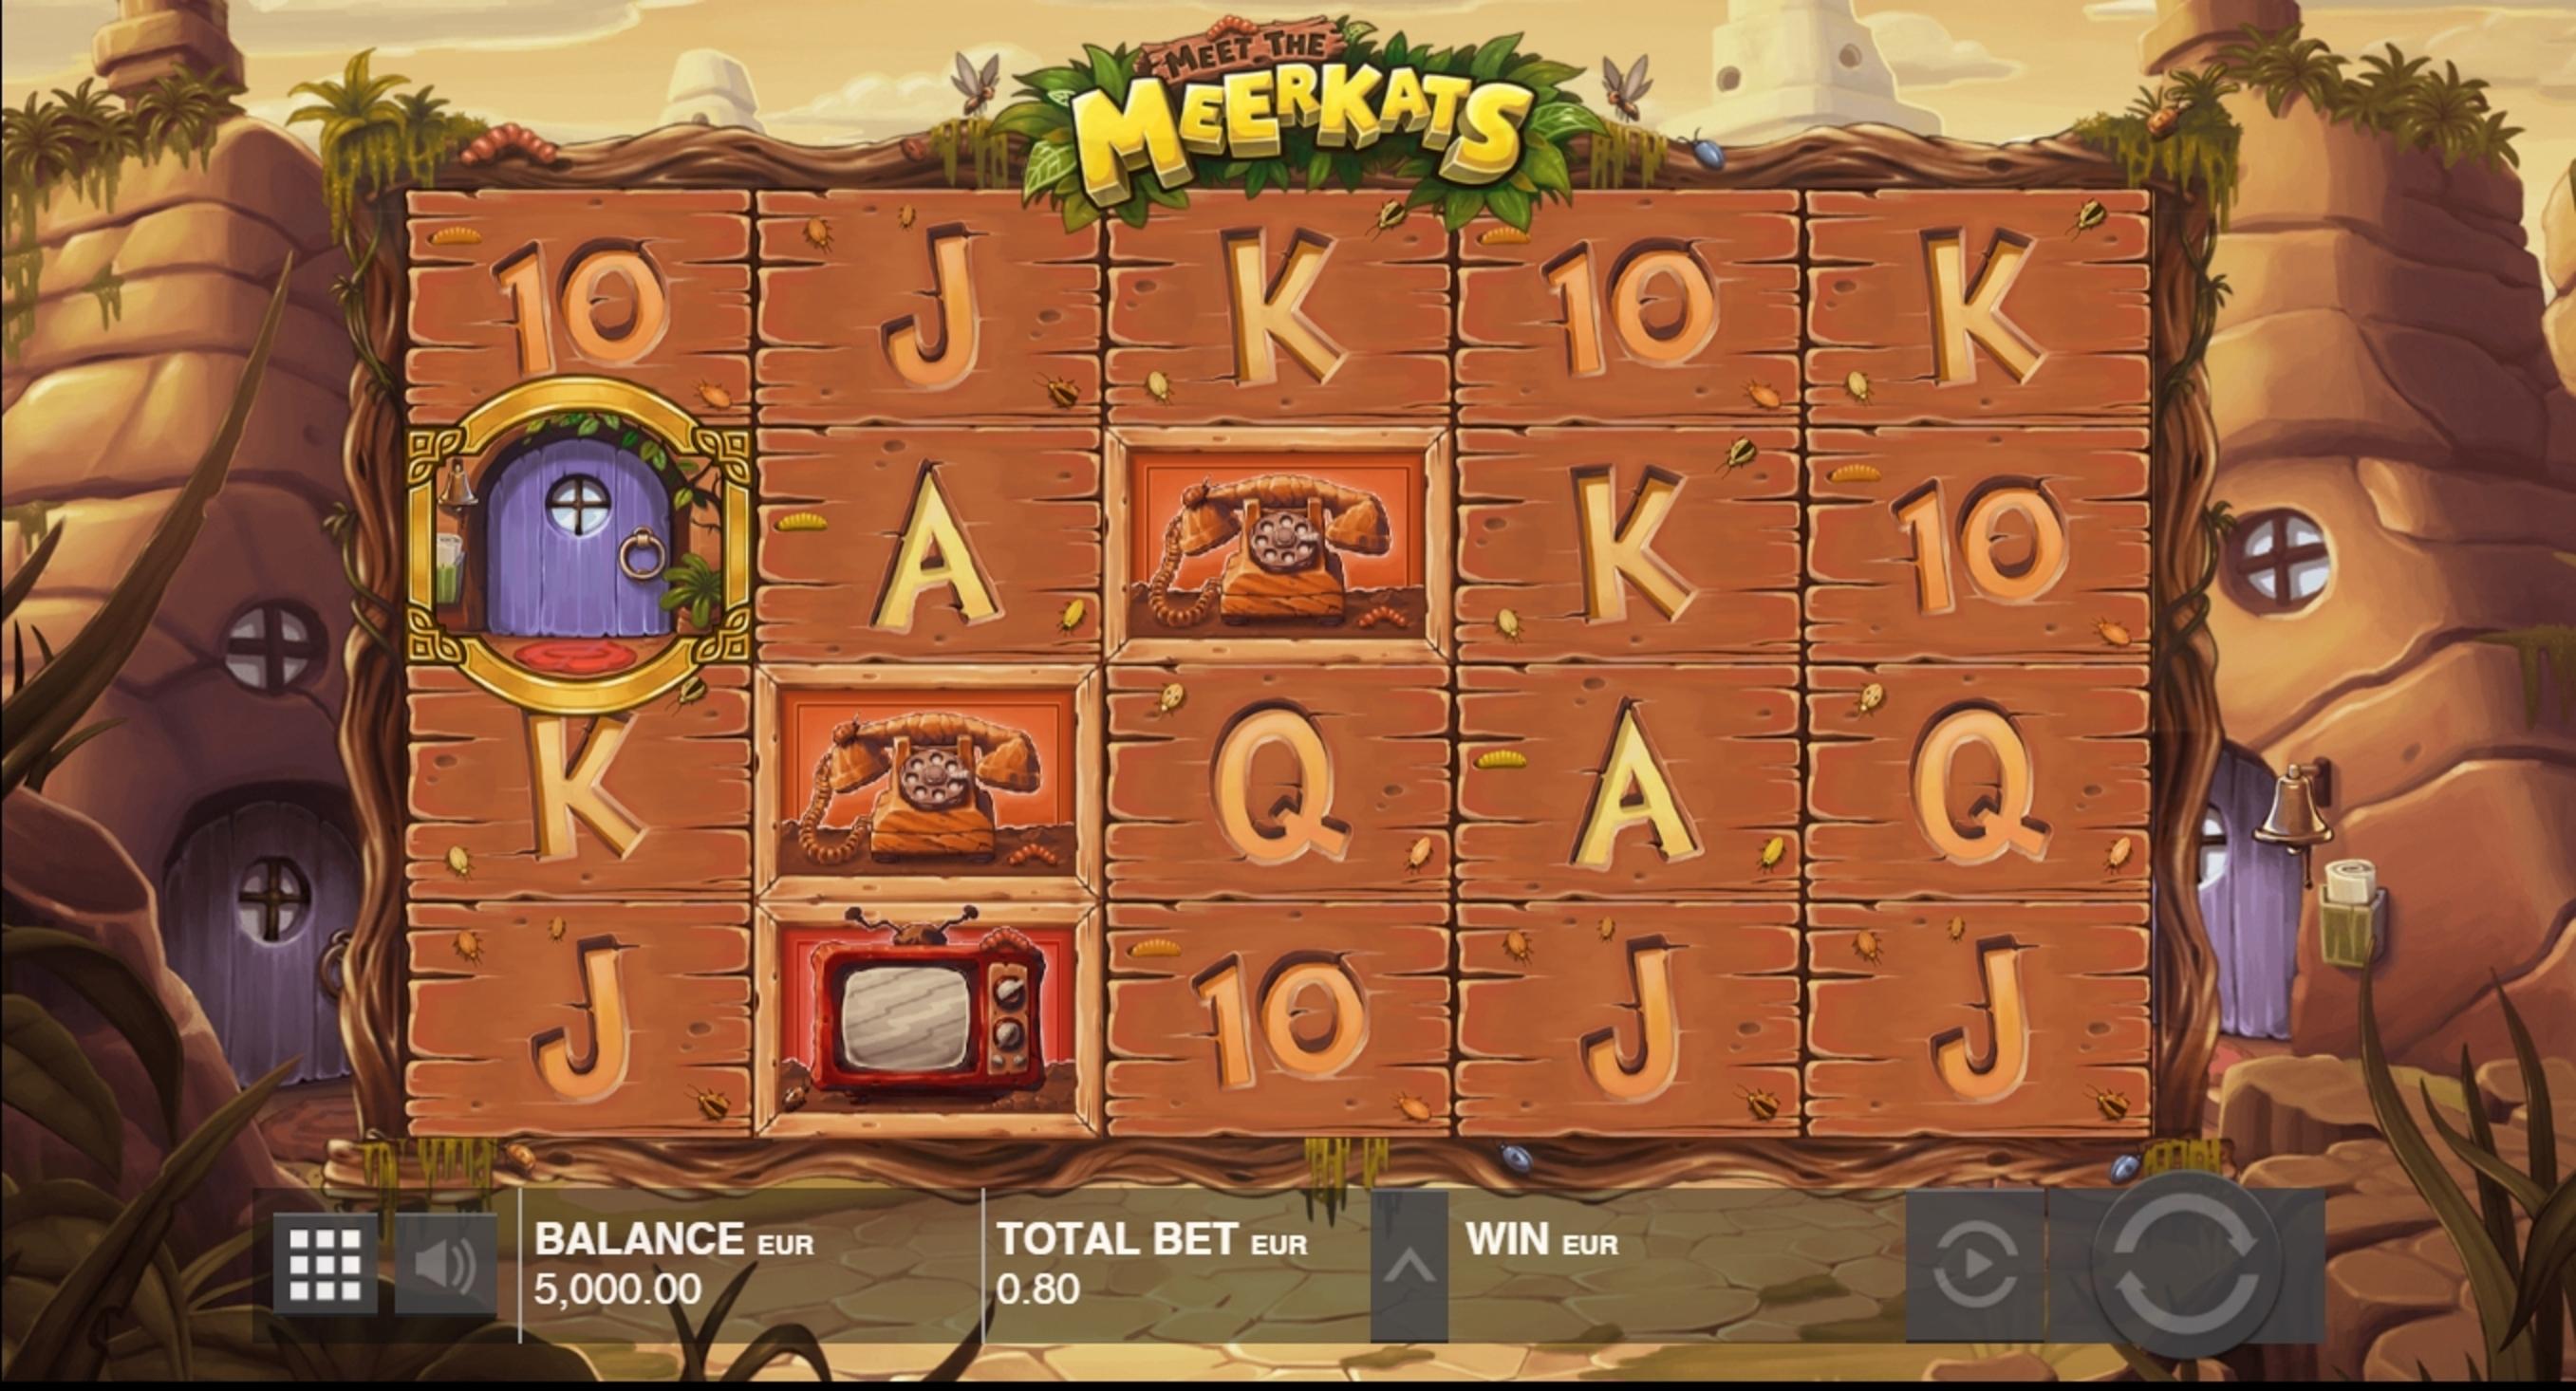 Meet The Meerkats Slot Machine